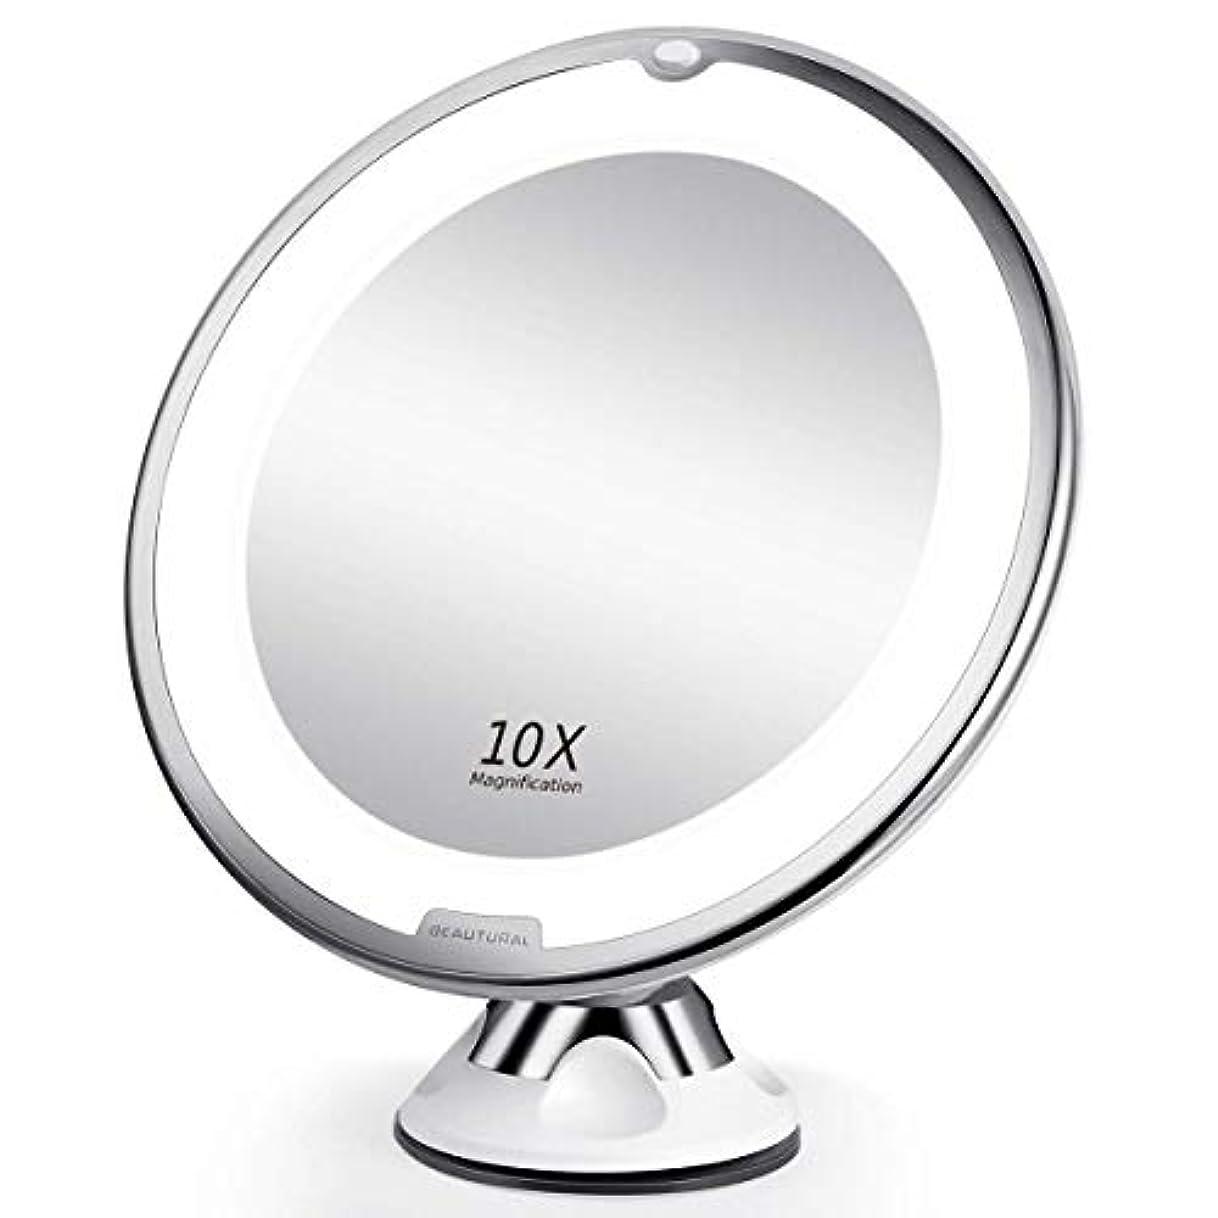 一人で曲田舎者Beautural 10倍拡大鏡 化粧 拡大鏡 LED化粧鏡 浴室用鏡 LEDミラー 360度回転 吸盤ロック付き スタンド/壁掛け両用 防錆 乾電池式